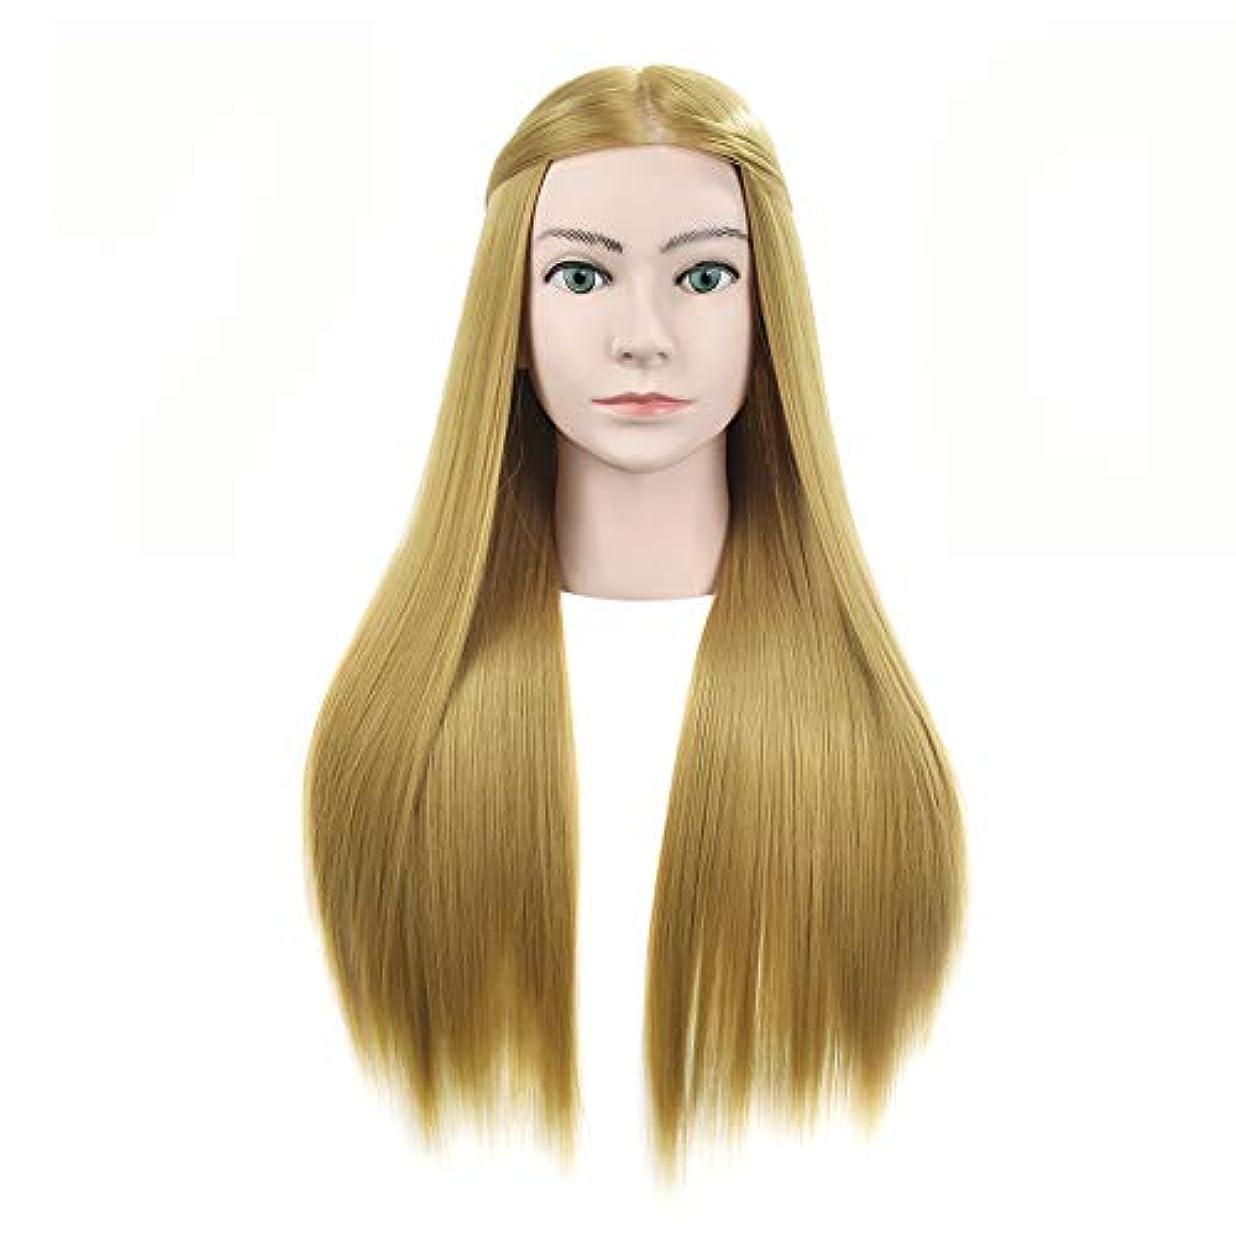 飾り羽紛争アナウンサーメイクディスクヘアスタイリング編み教育ダミーヘッドサロンエクササイズヘッド金型理髪ヘアカットトレーニングかつら